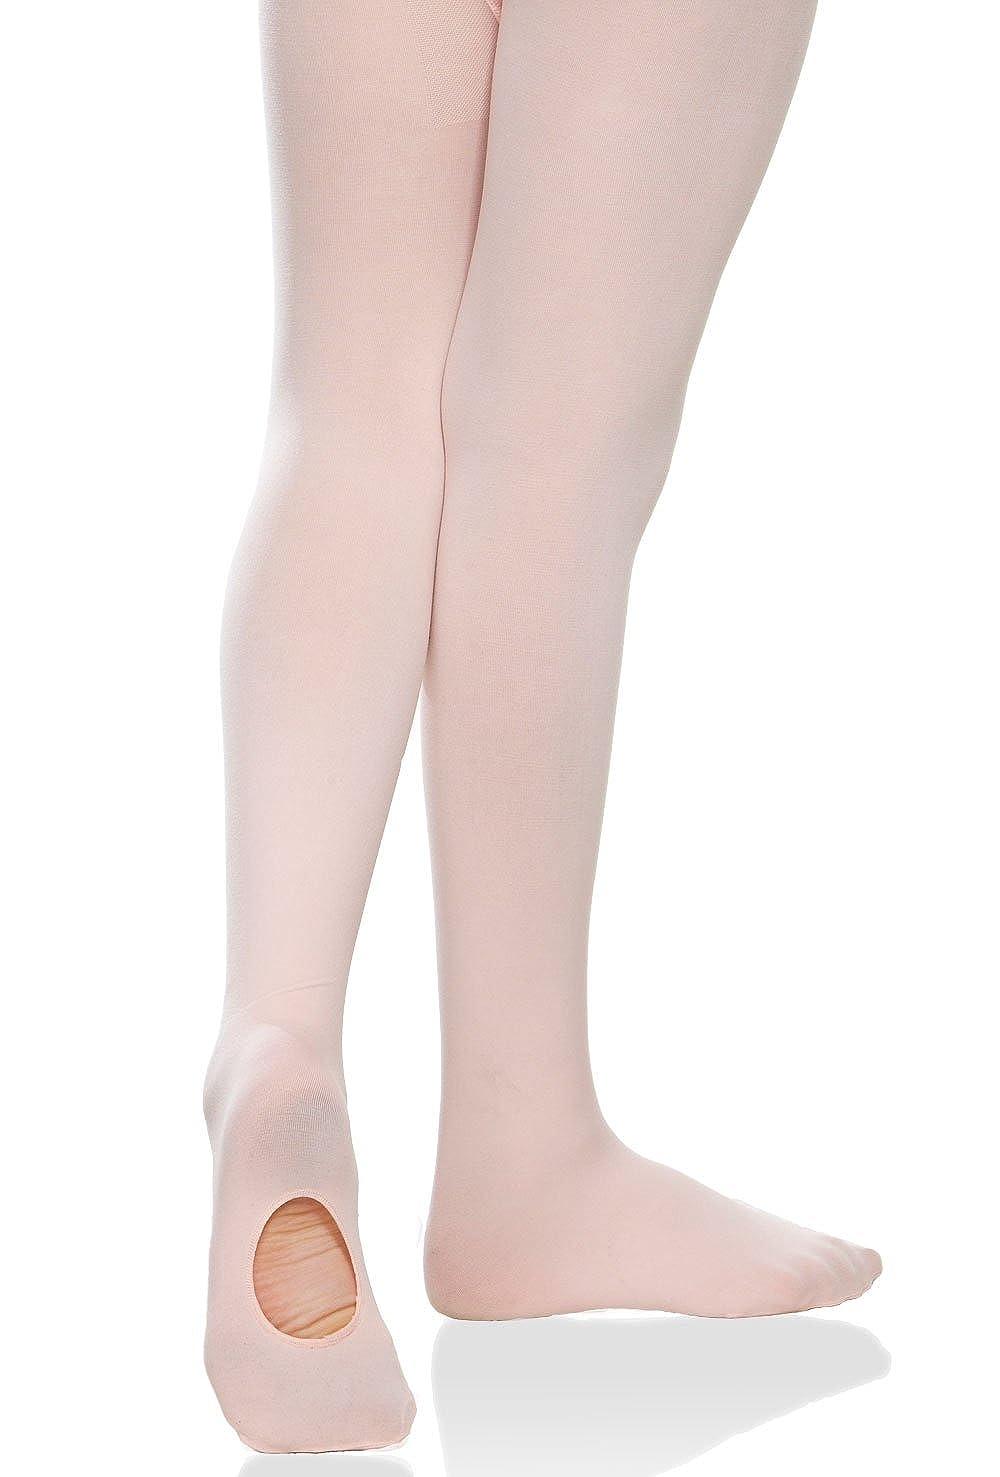 Silky Dance Essential Collant convertibili da danza 1 Paio Donna